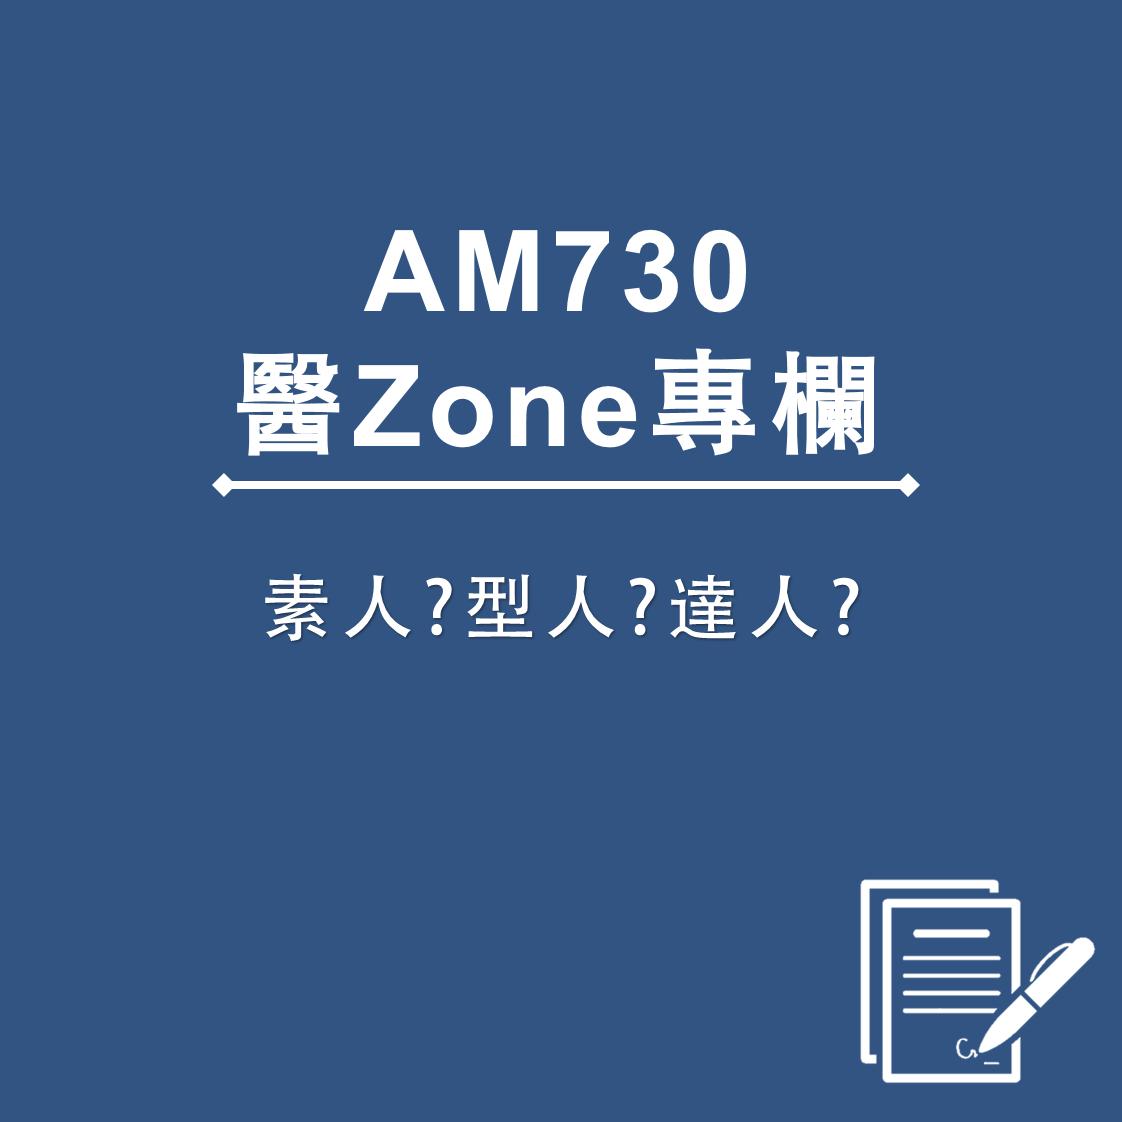 AM730 醫Zone 專欄 - 素人?型人?達人?